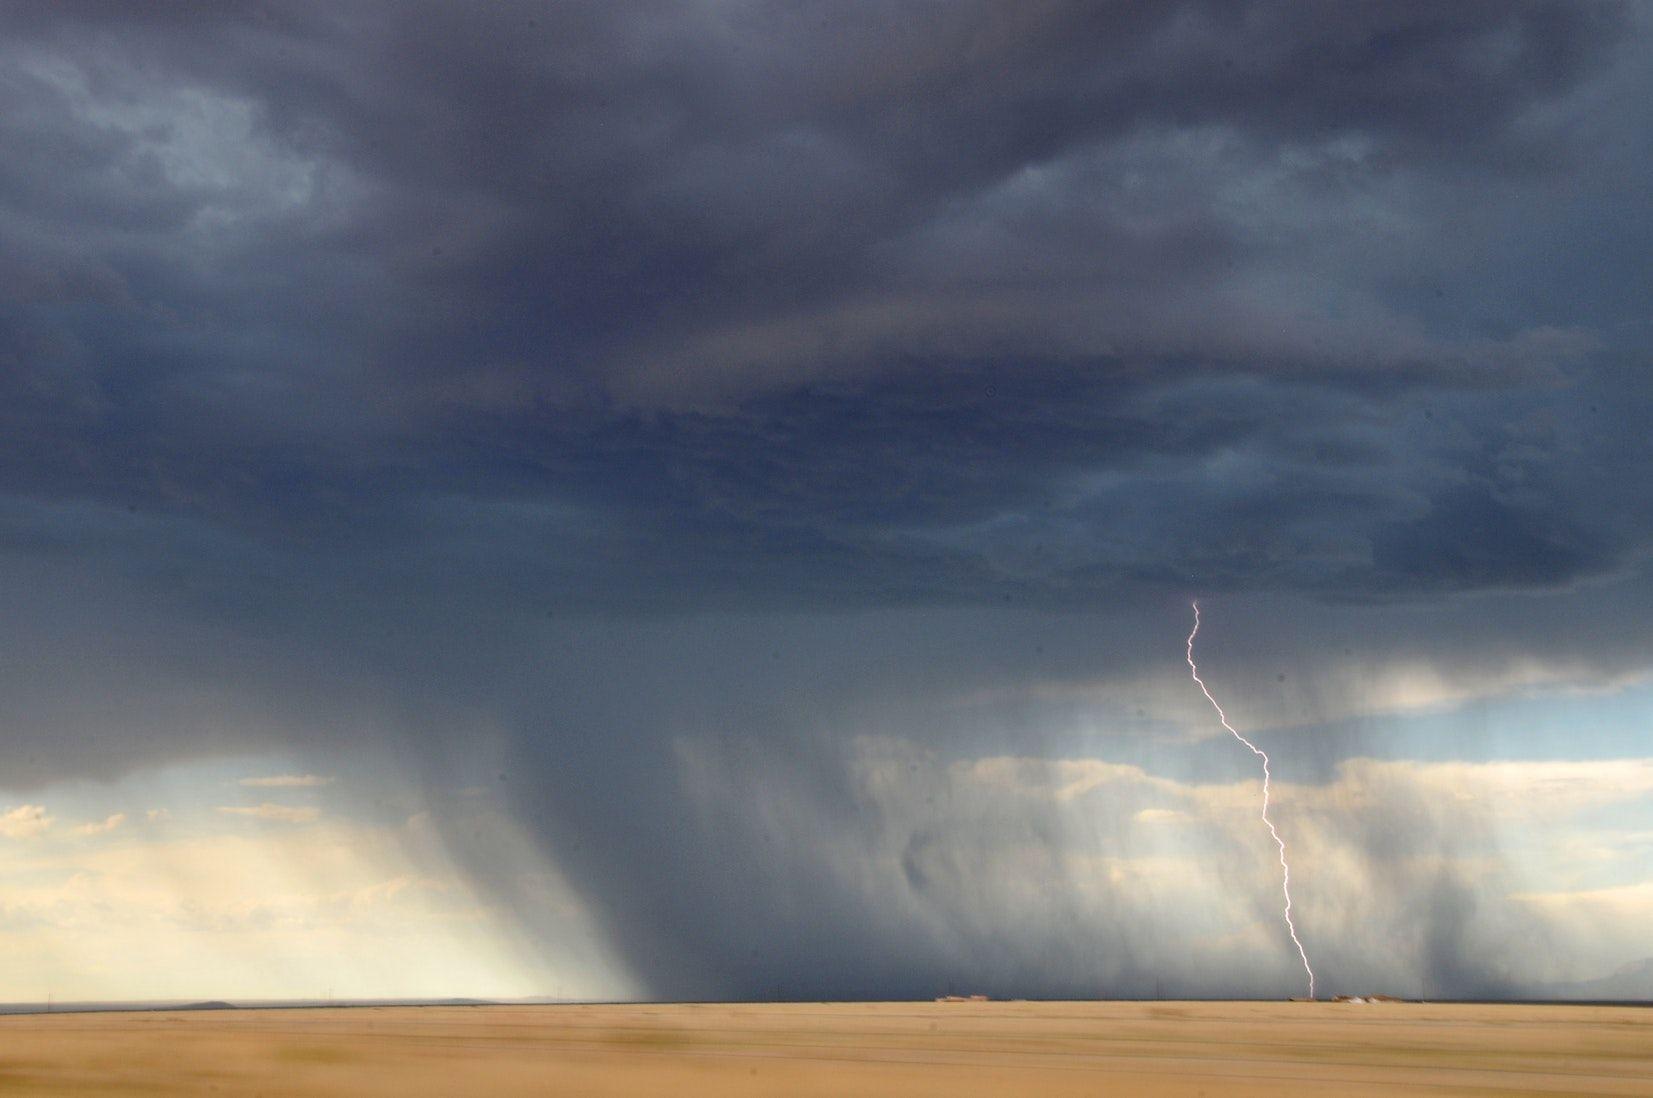 lightning struck on desert Clouds, Outdoor, Storm